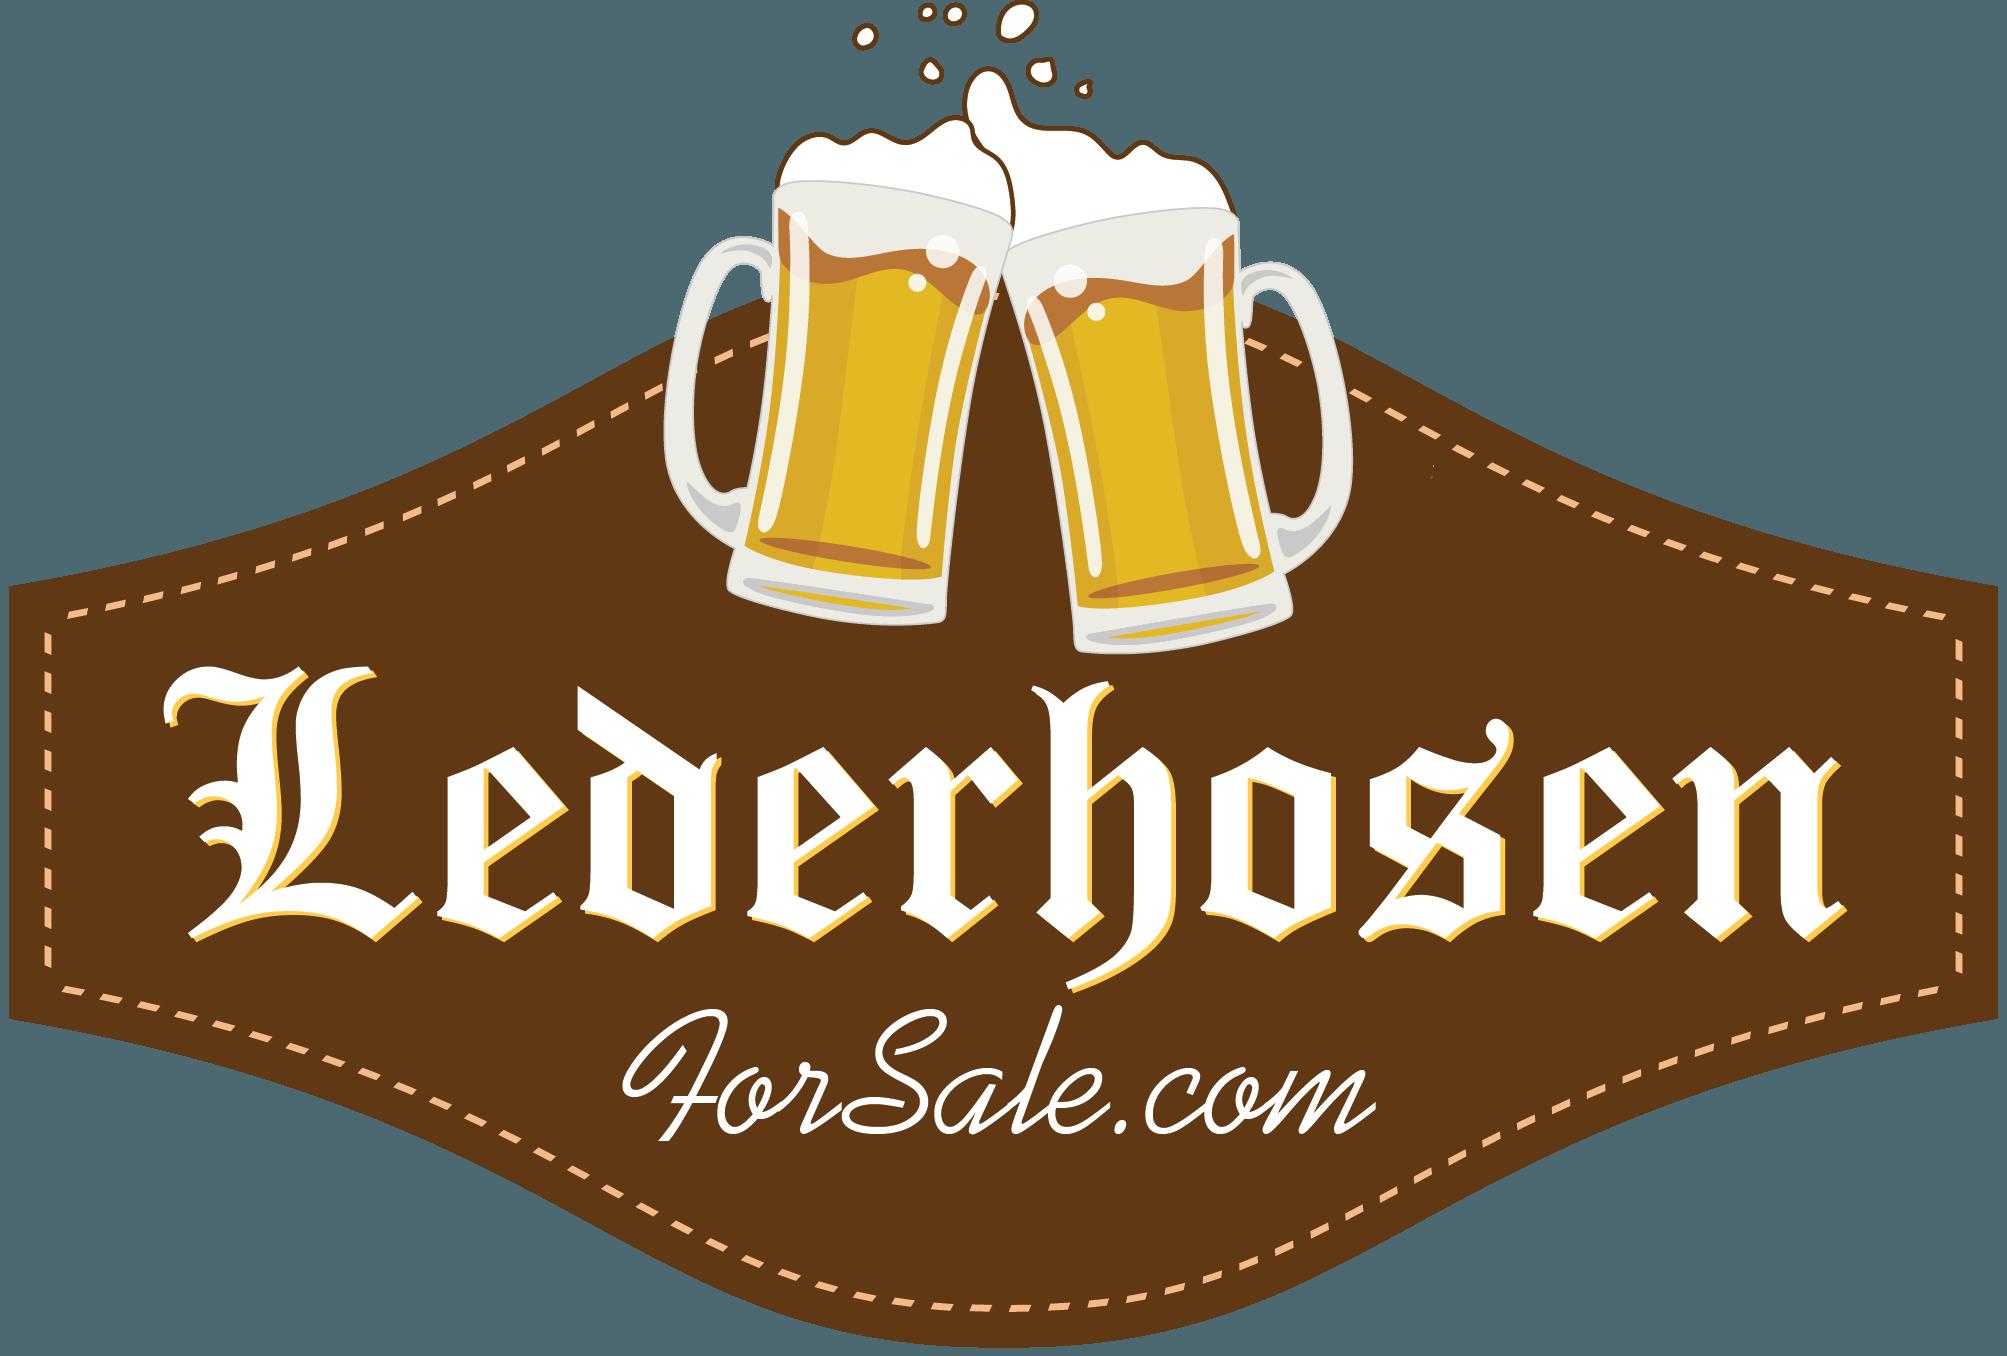 Lederhosen For Sale, Buy Authentic Lederhosen Online